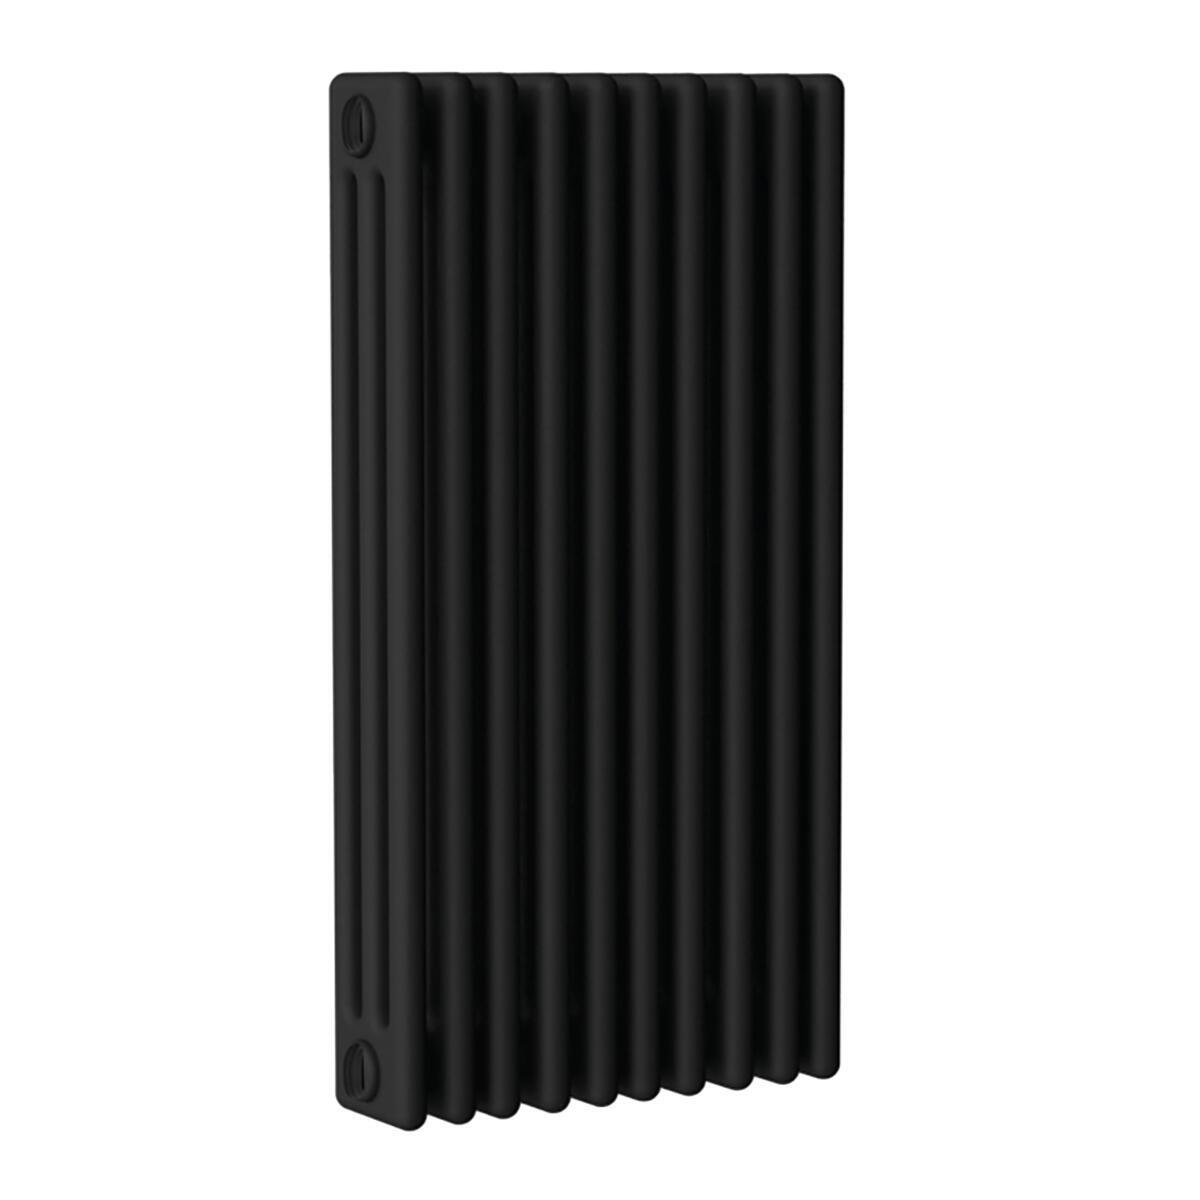 Radiatore acqua calda ERCOS nero opaco in acciaio 10 elementi interasse 62,3 cm